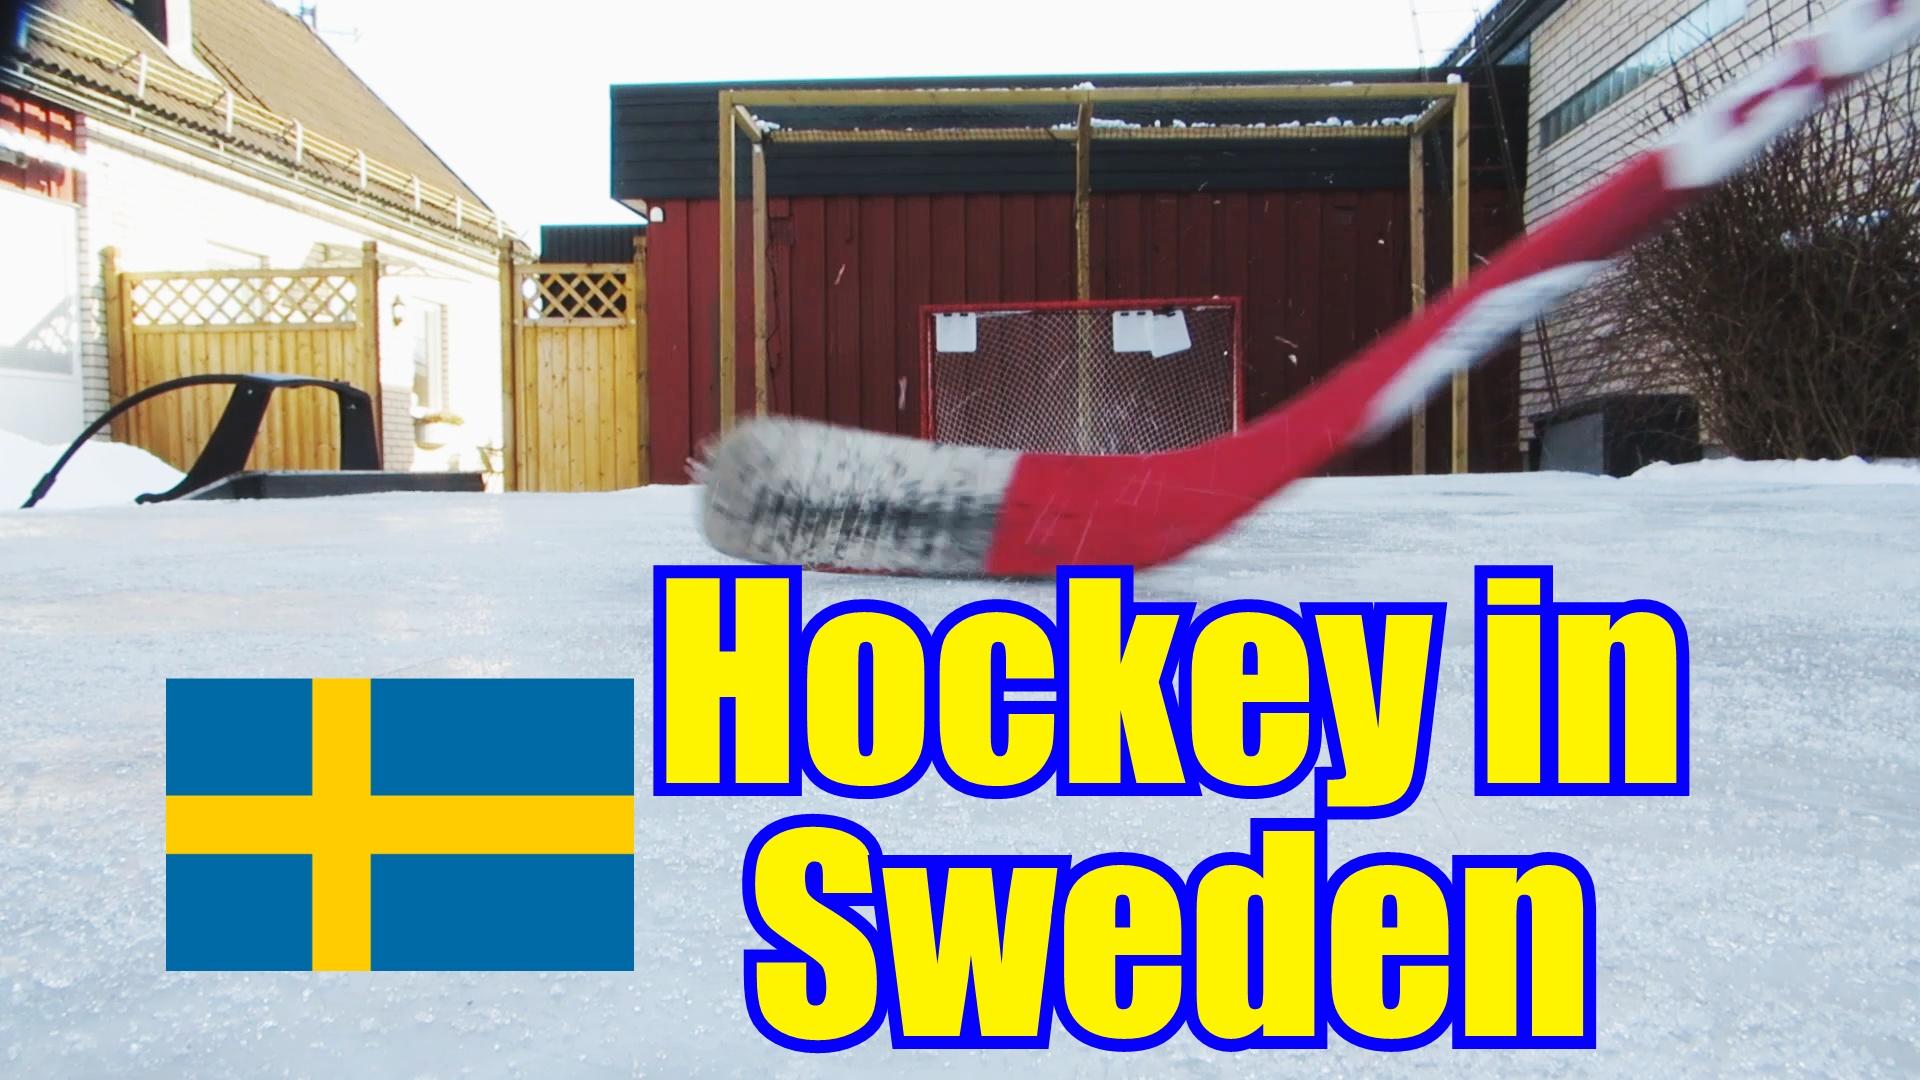 Hockey in Sweden